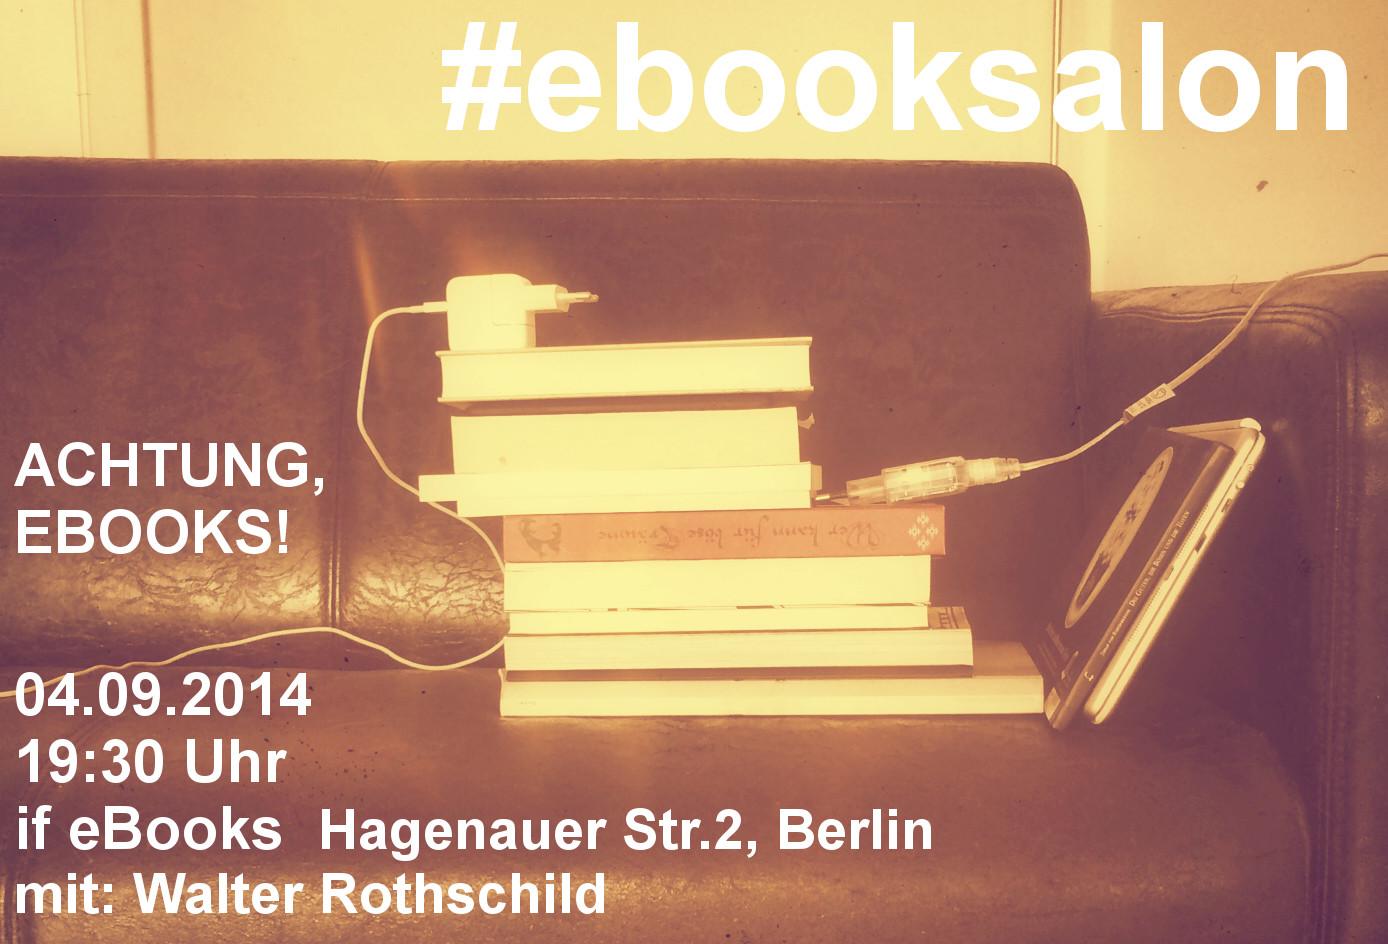 Buchbranche in Berlin #bookupDe #ebooksalon …